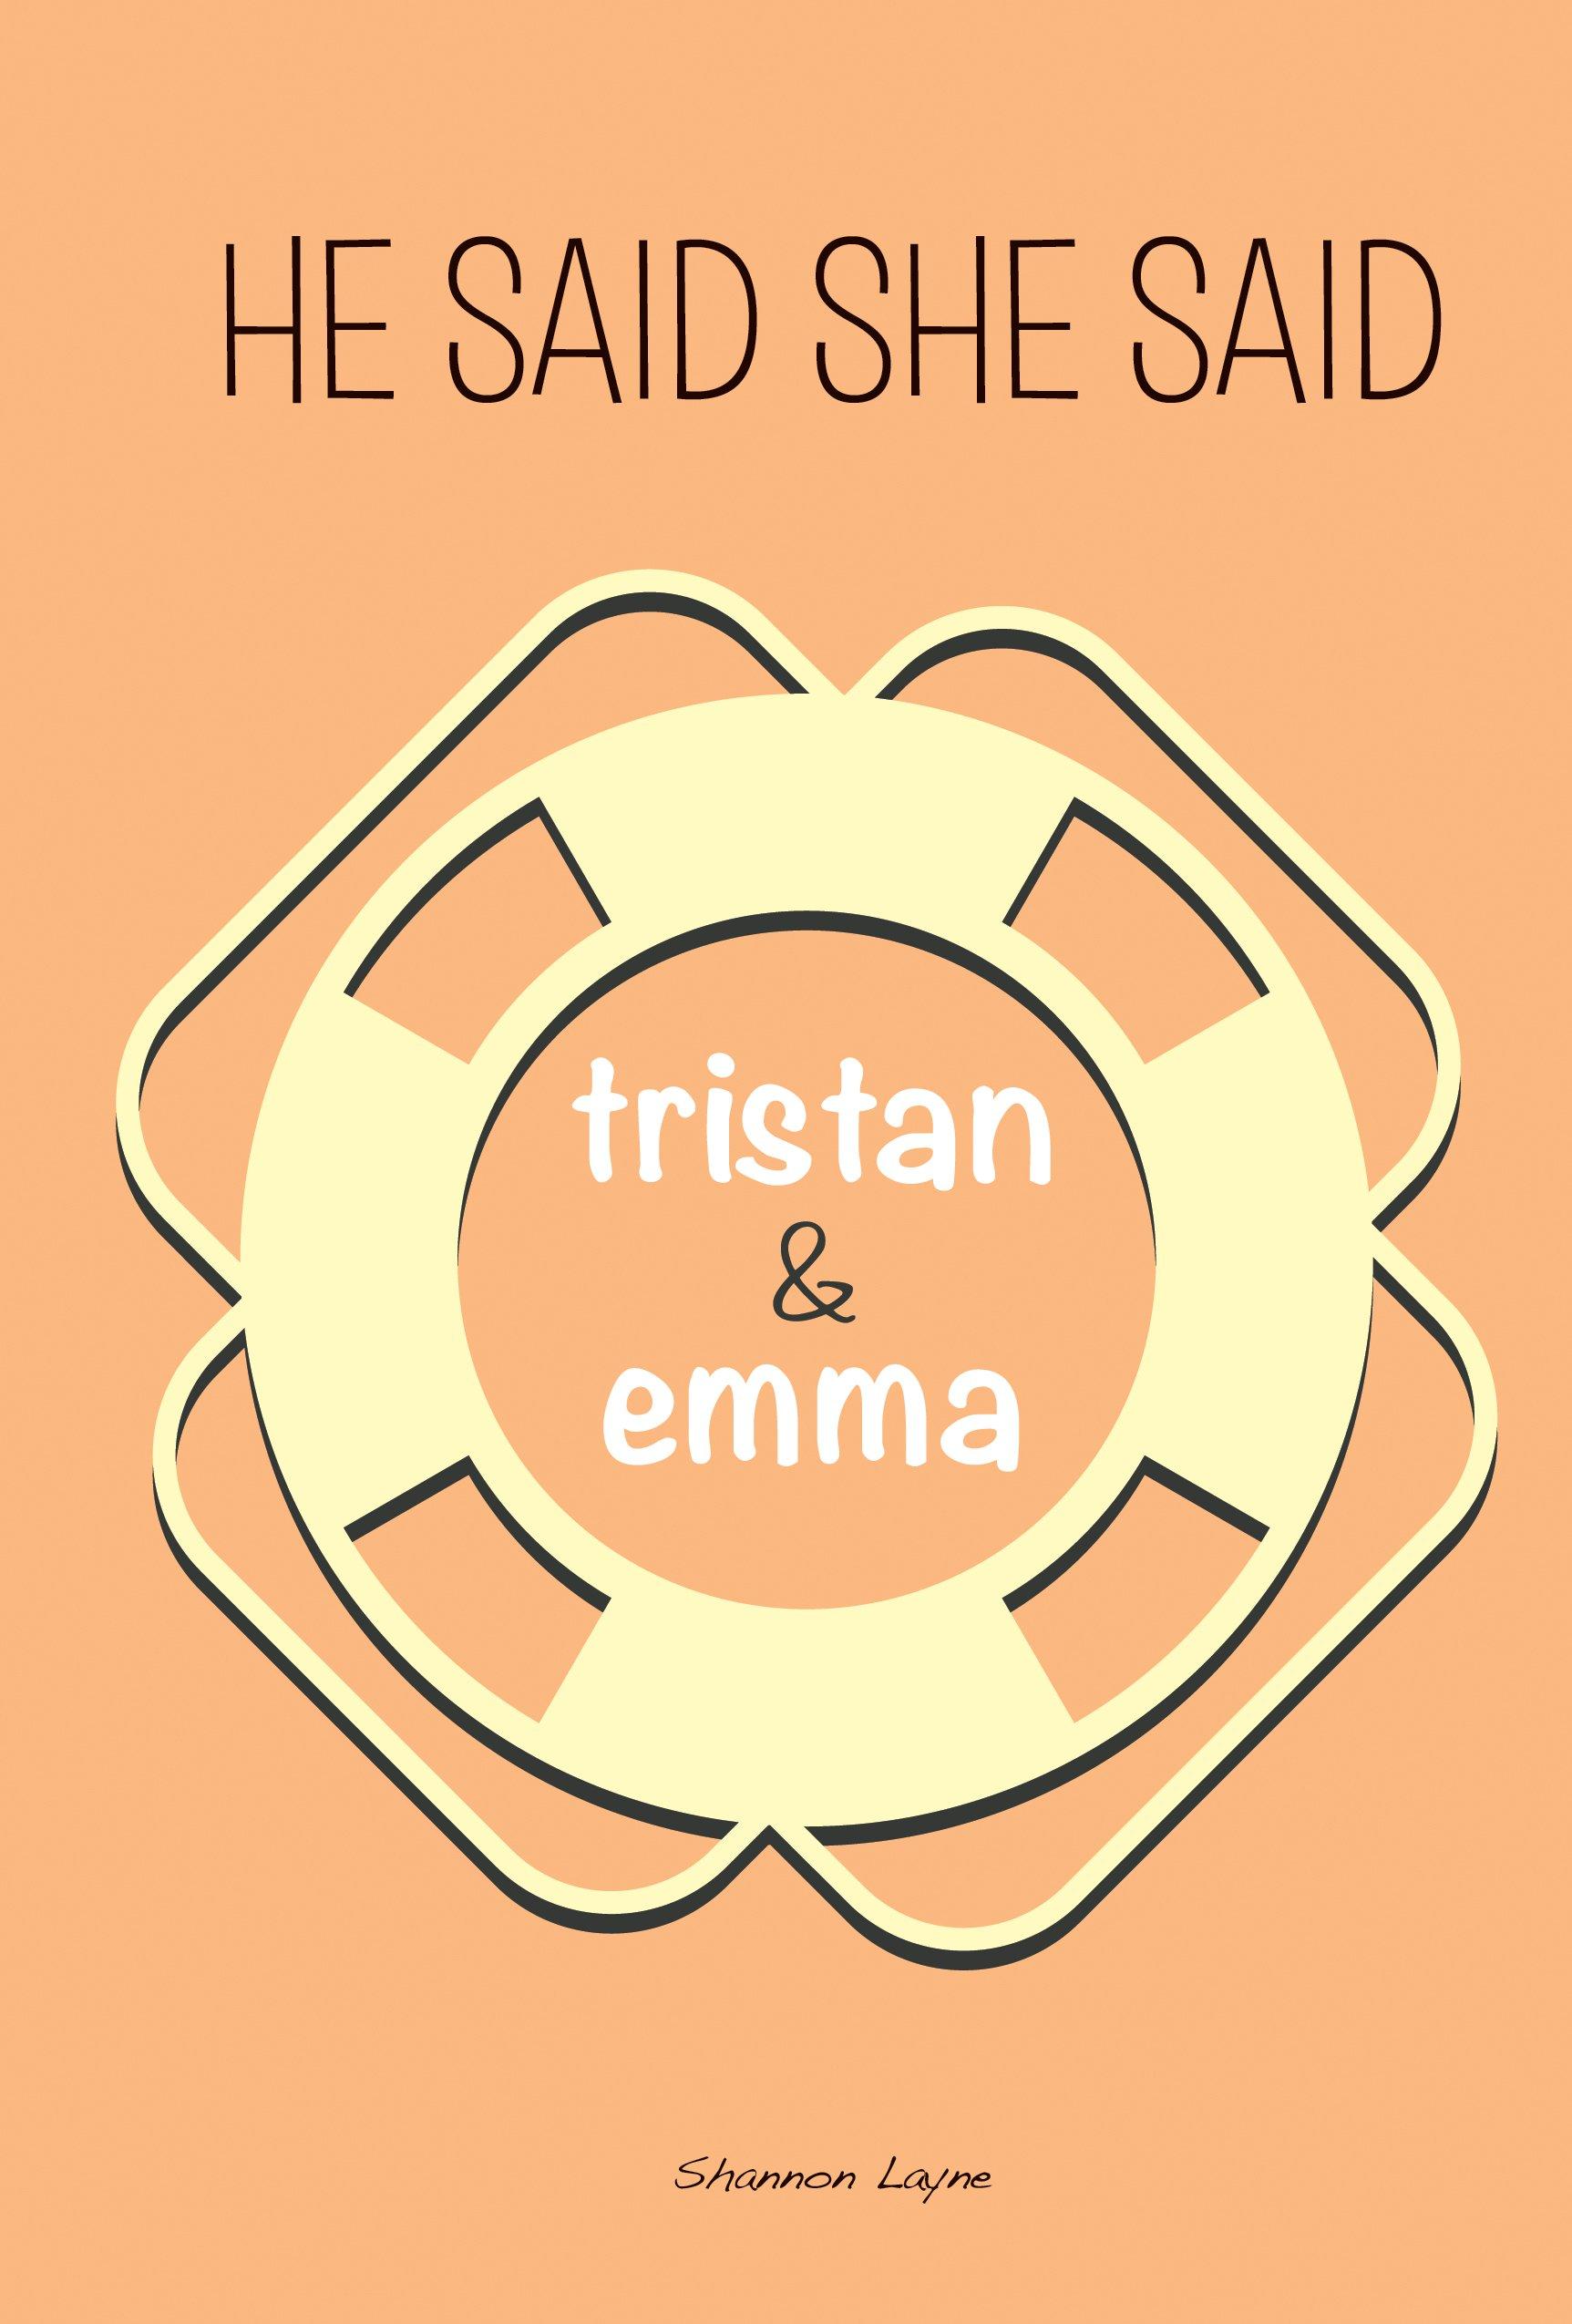 Tristan & Emma (He Said, She Said) ebook